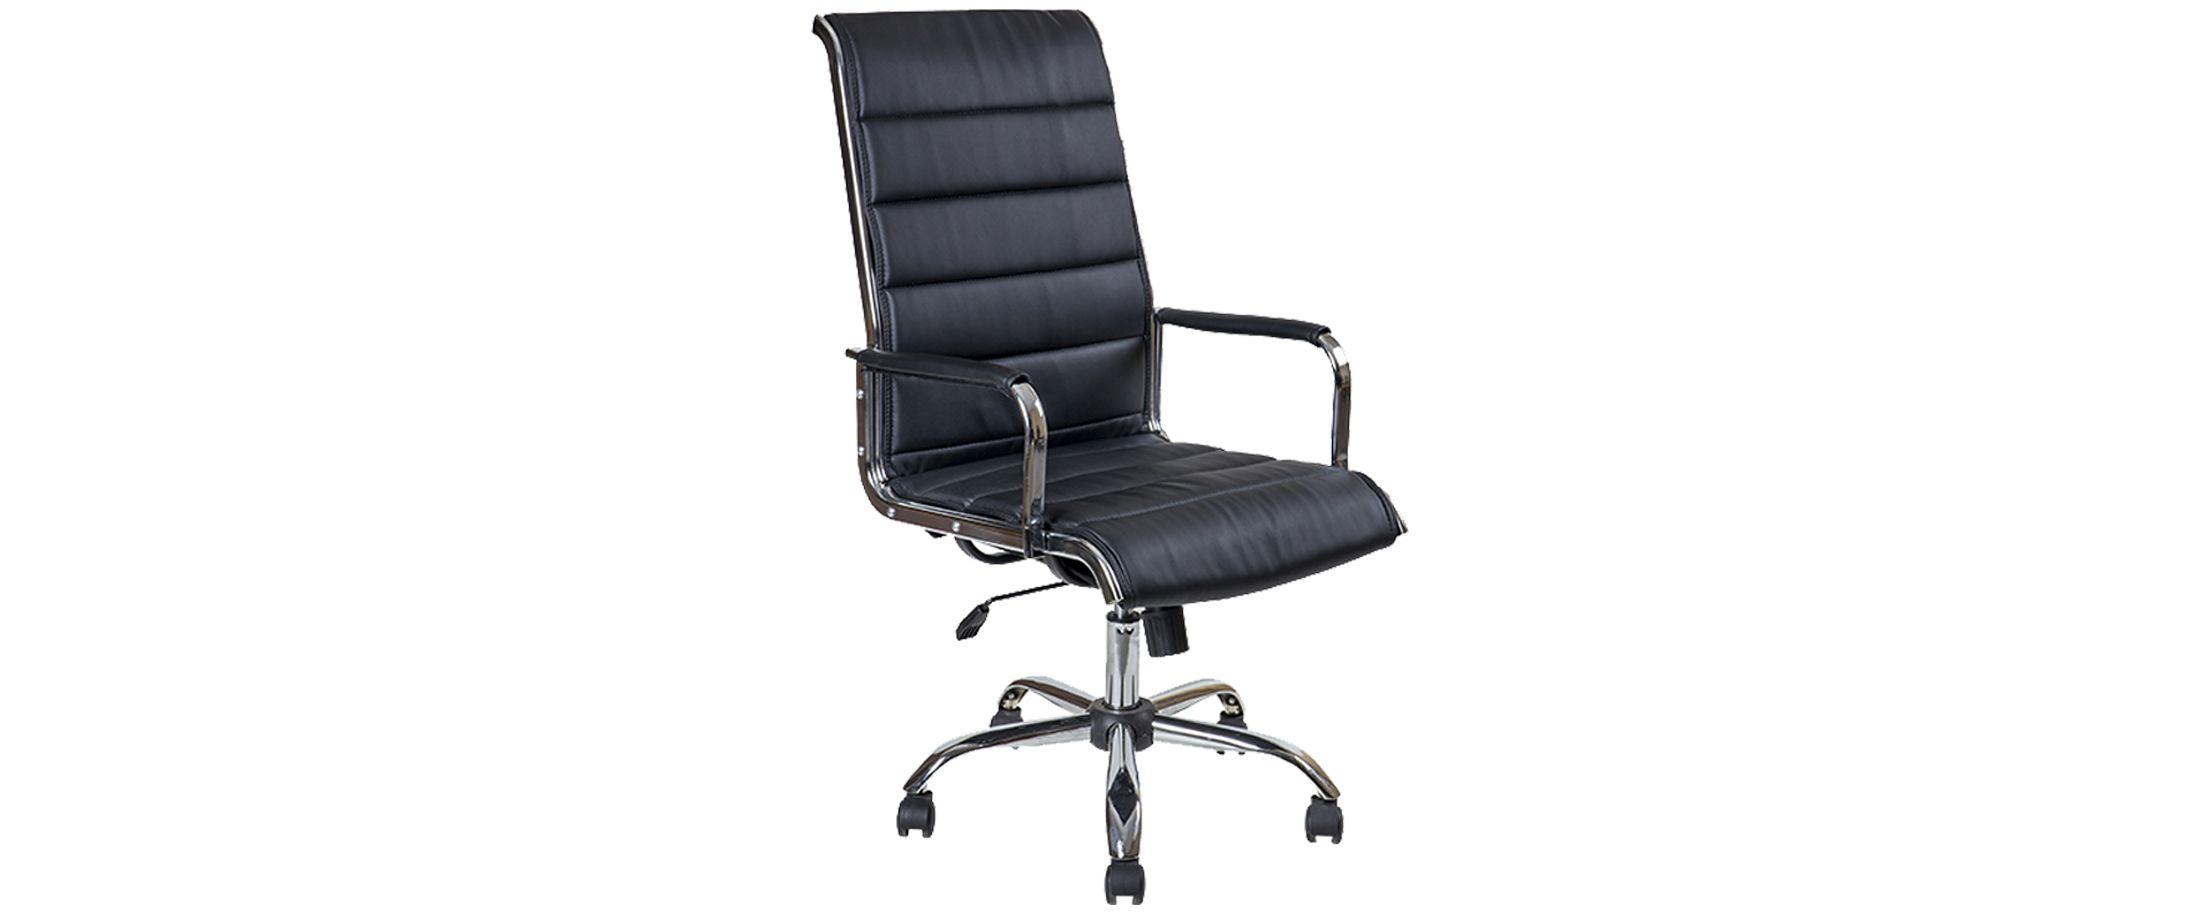 Кресло офисное AV 137 из экокожи цвет черный Модель 999Кресло офисное AV 137 из экокожи цвет черный Модель 999. Артикул Д000735<br><br>Ширина см: 50<br>Глубина см: 60<br>Высота см: 120<br>Цвет: Черный